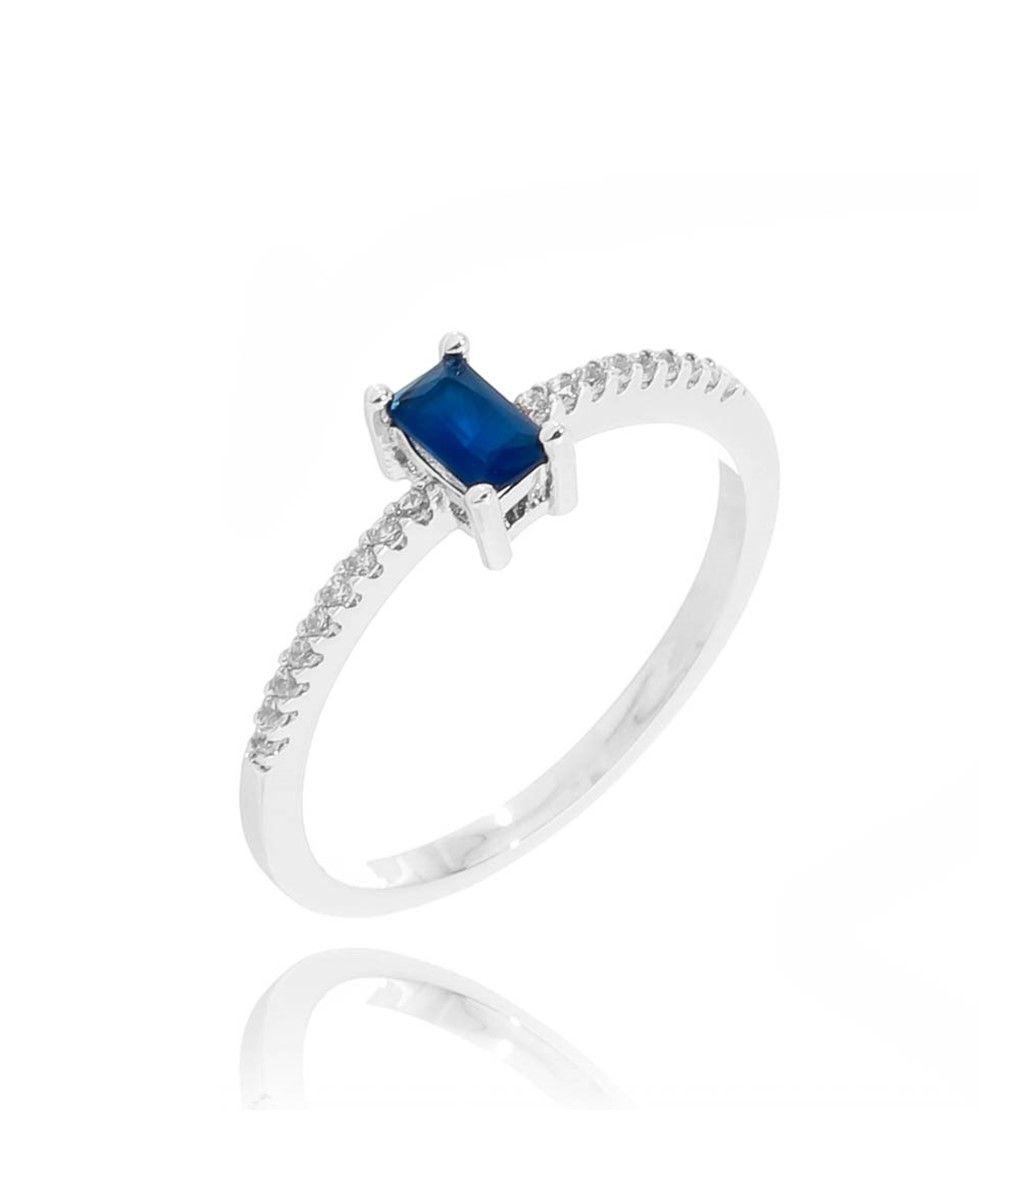 Anel Delicadinho De Pedra Azul Safira E Zirconias Brancas Prata